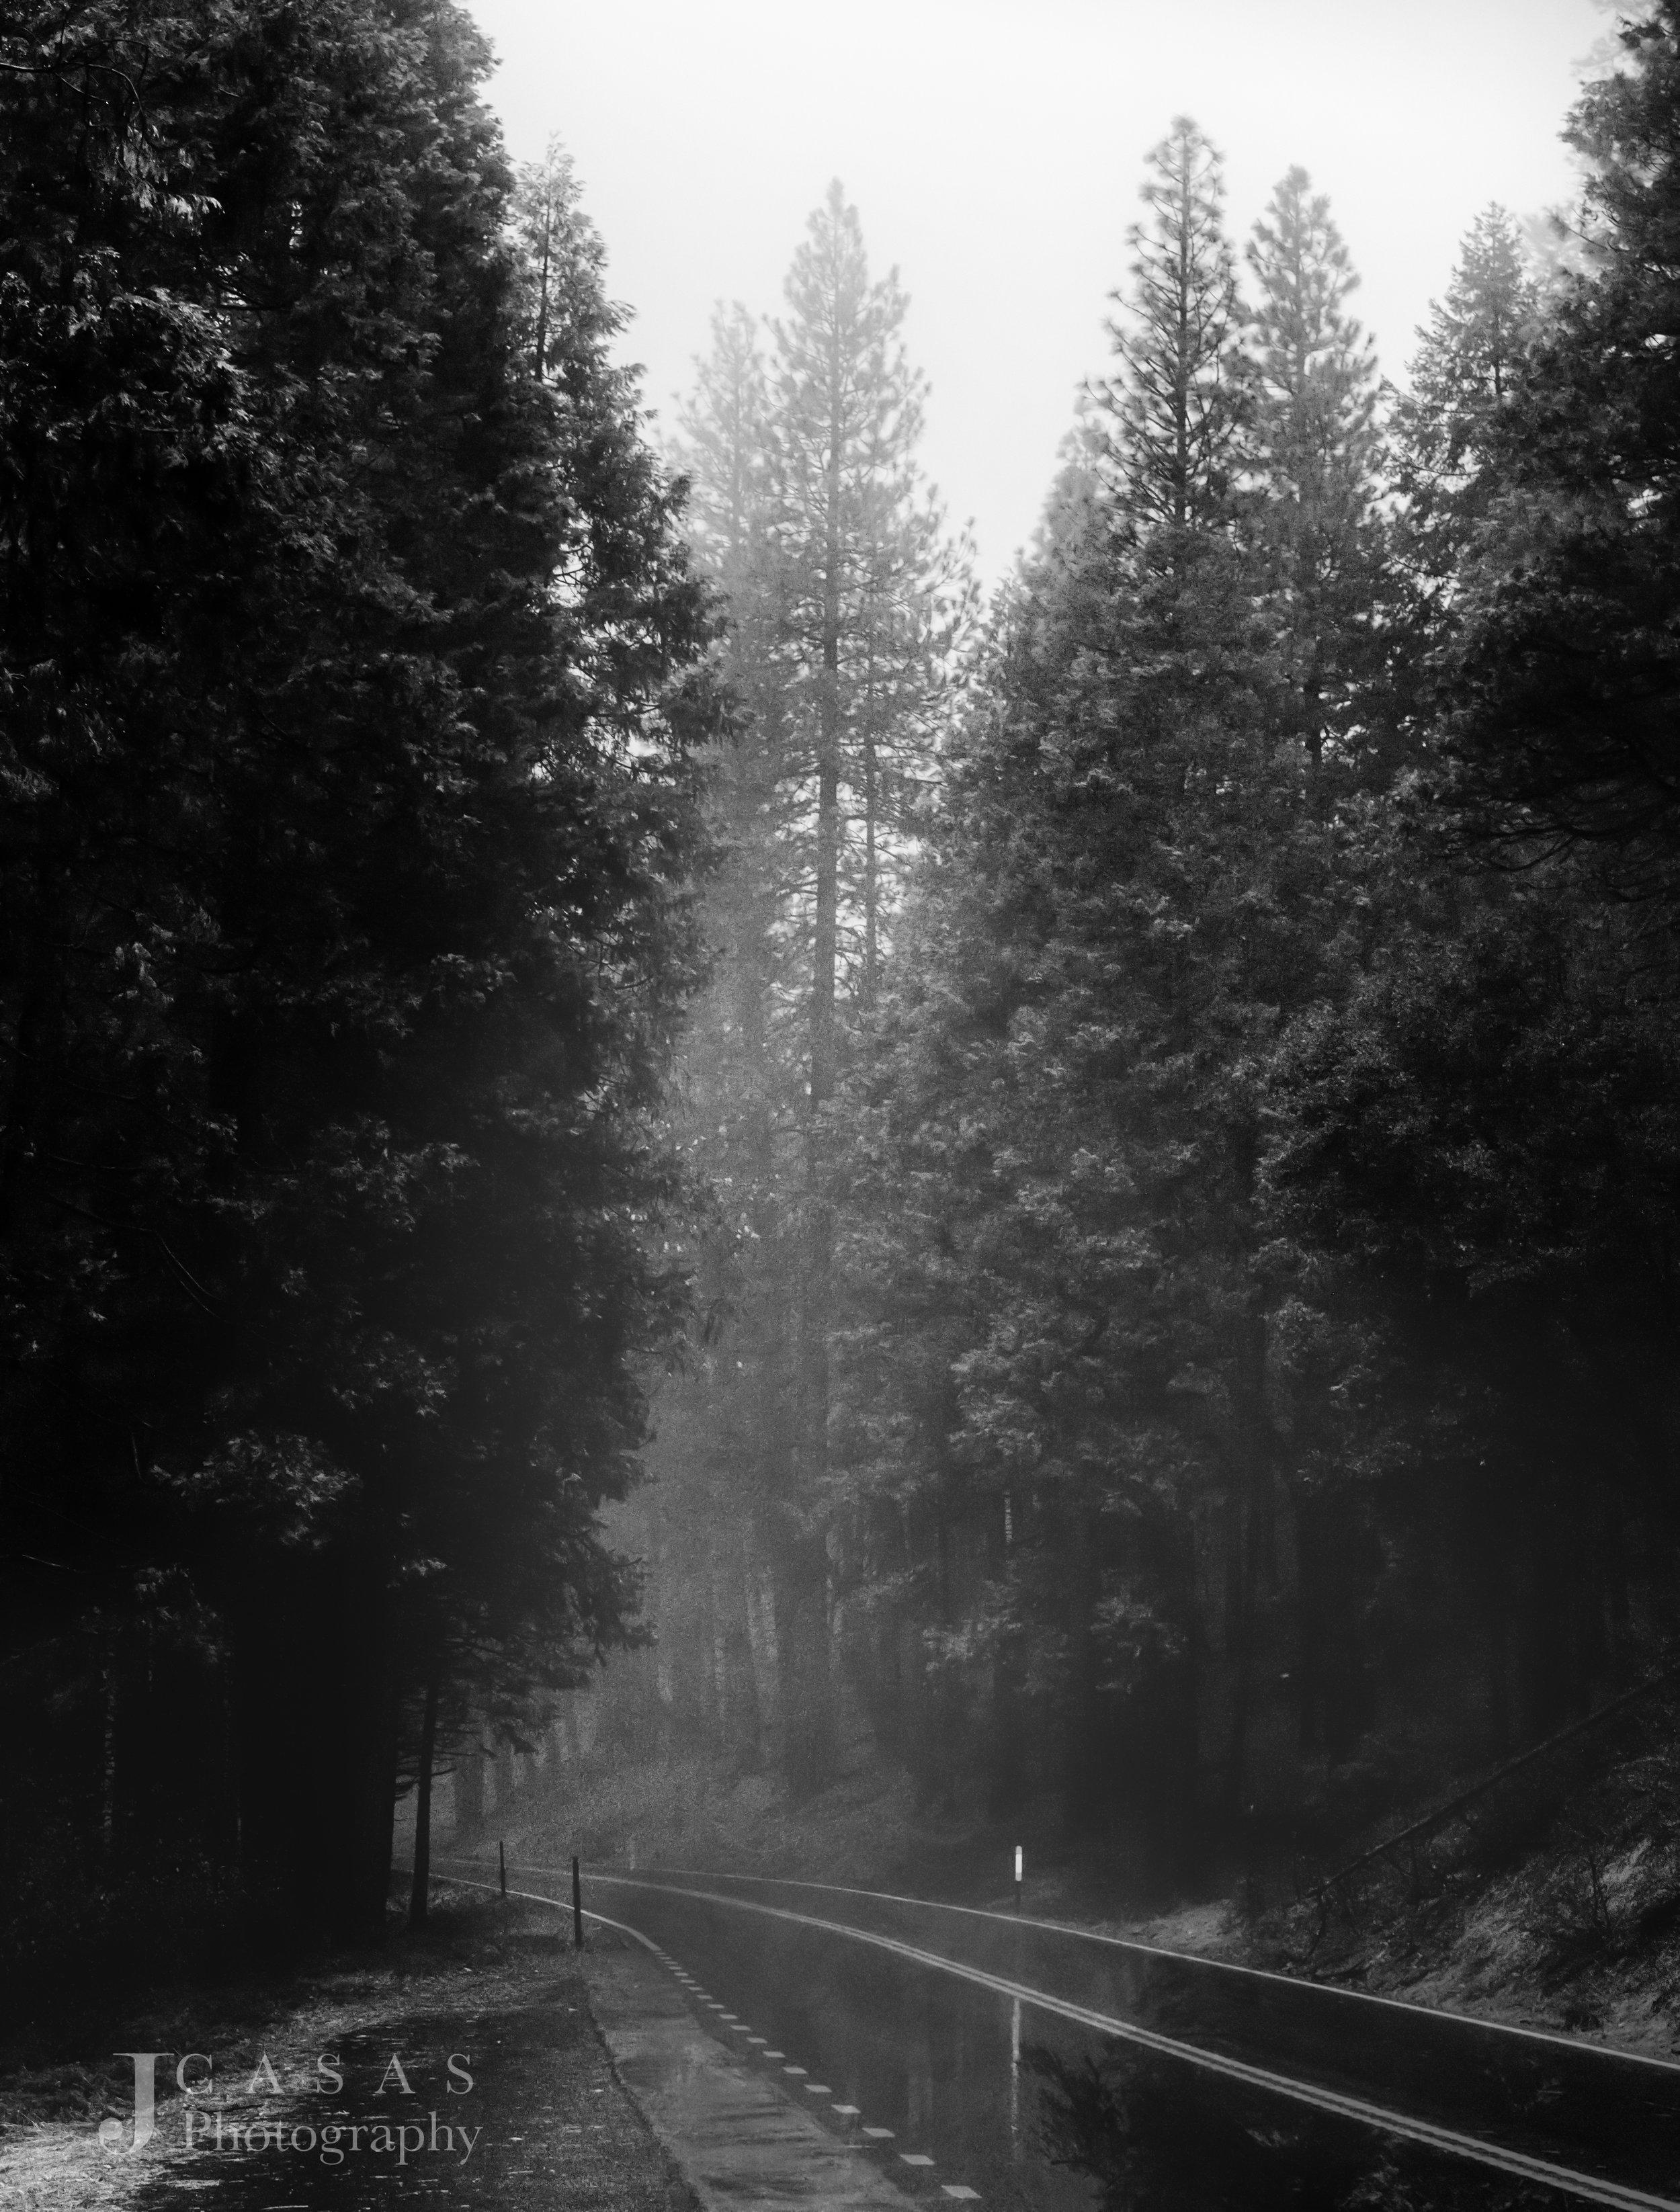 Foggy Rainy Yosemite Road